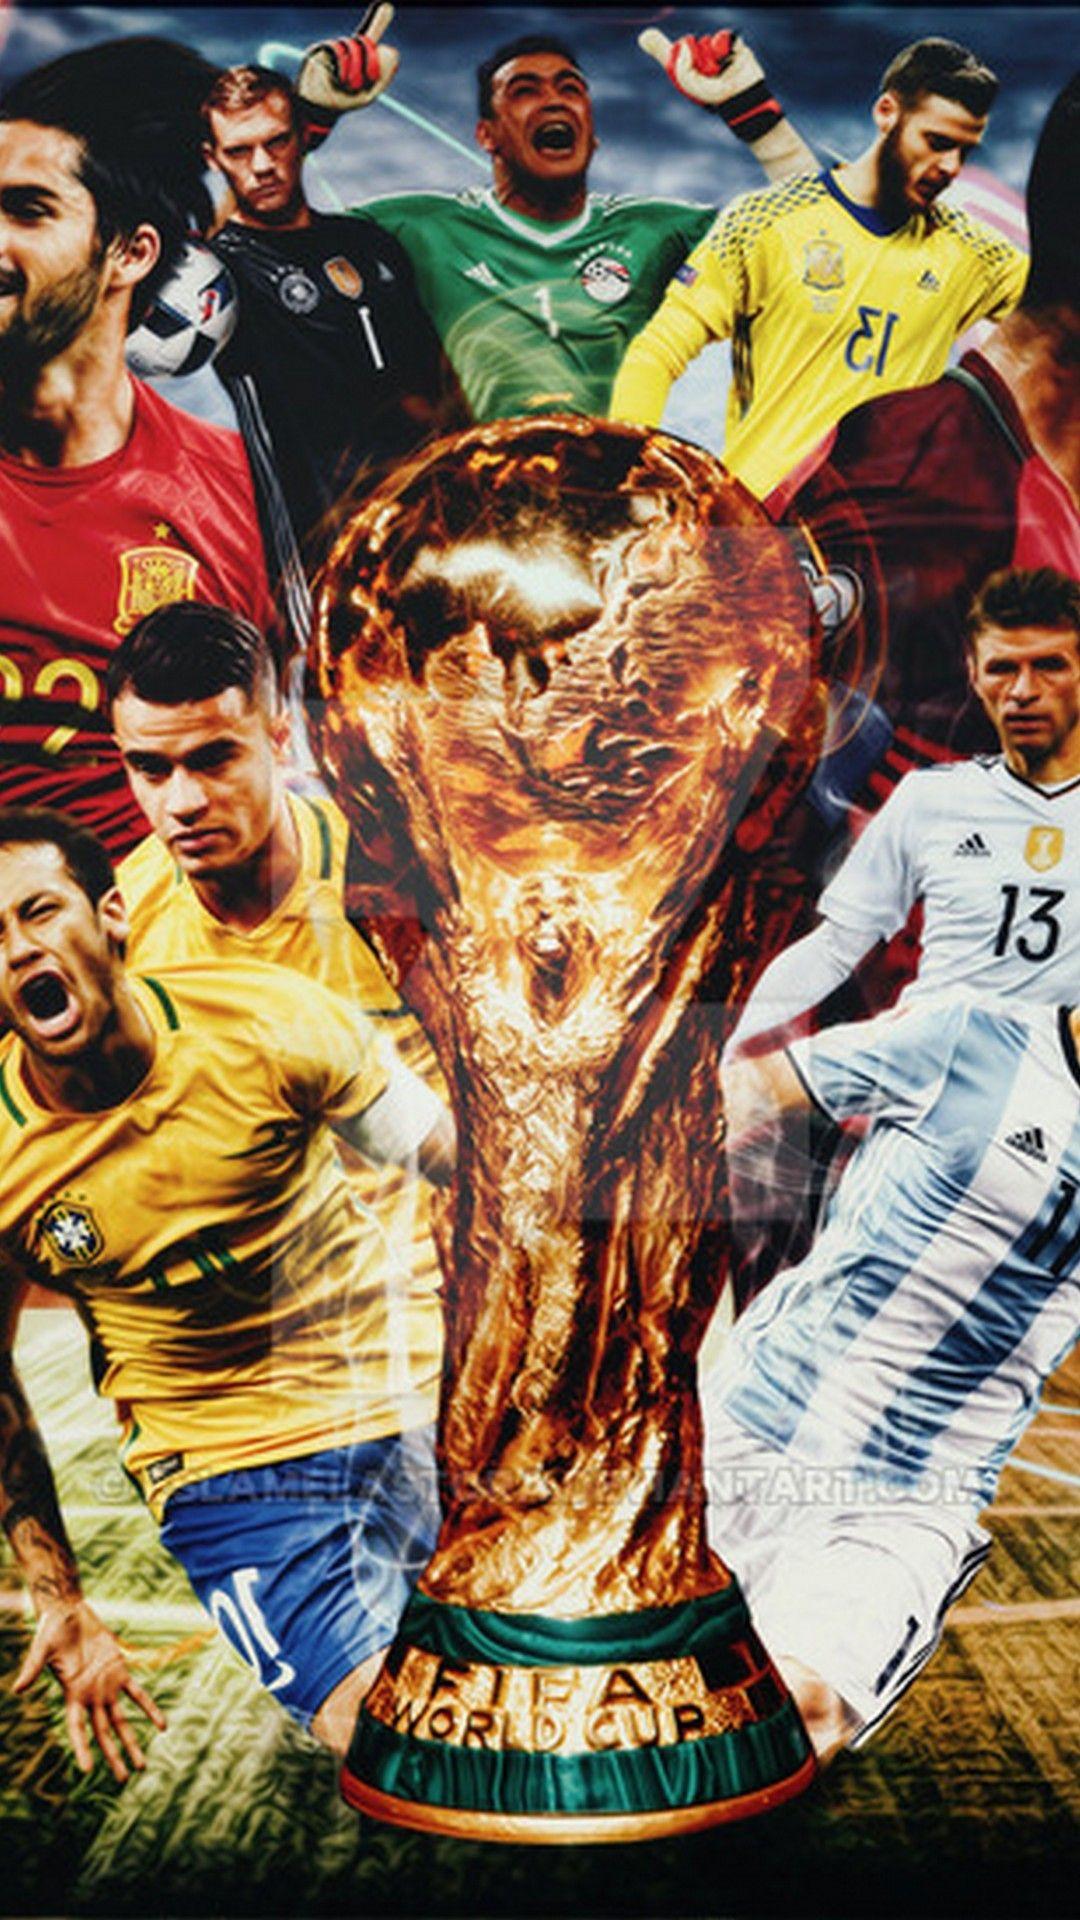 Wallpapers Fifa World Cup 2018 La Coupe De Mande Pinterest